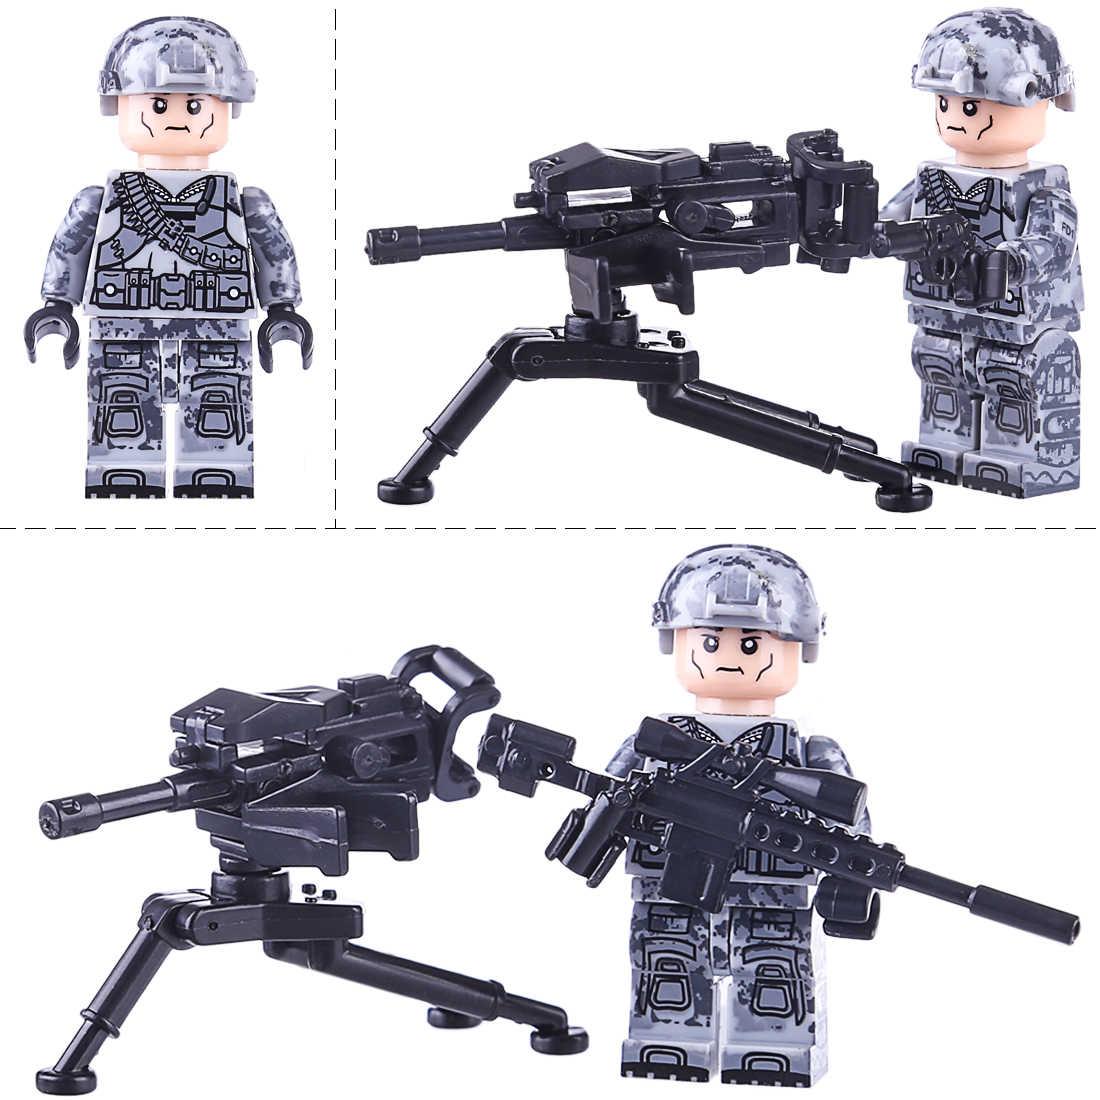 6 pcs Mar Aeroterrestre Equipe Leopardo Greve Crianças Montagem Boneca Toy Bloco de Construção de Mini Jogos De Tabuleiro De Mesa Crianças